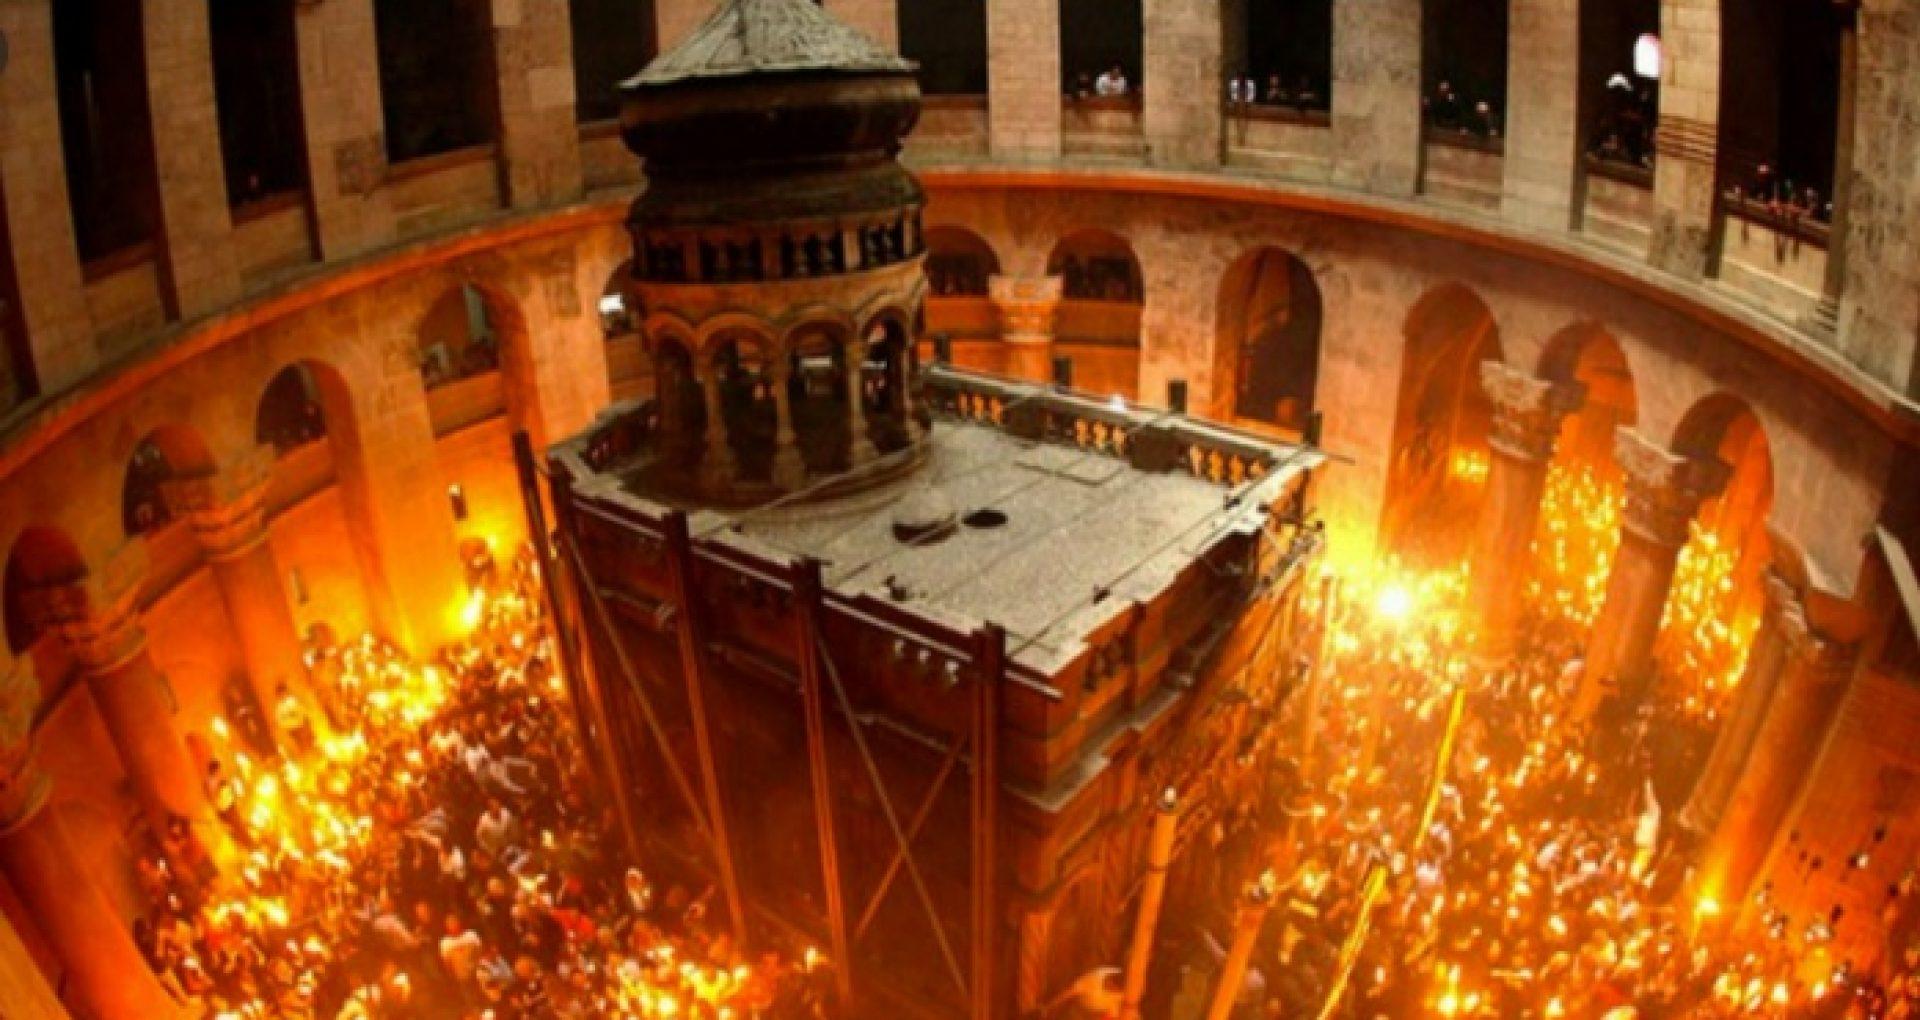 Focul Haric de la Ierusalim. Istoria celei mai vechi minuni atestate a lumii creștine